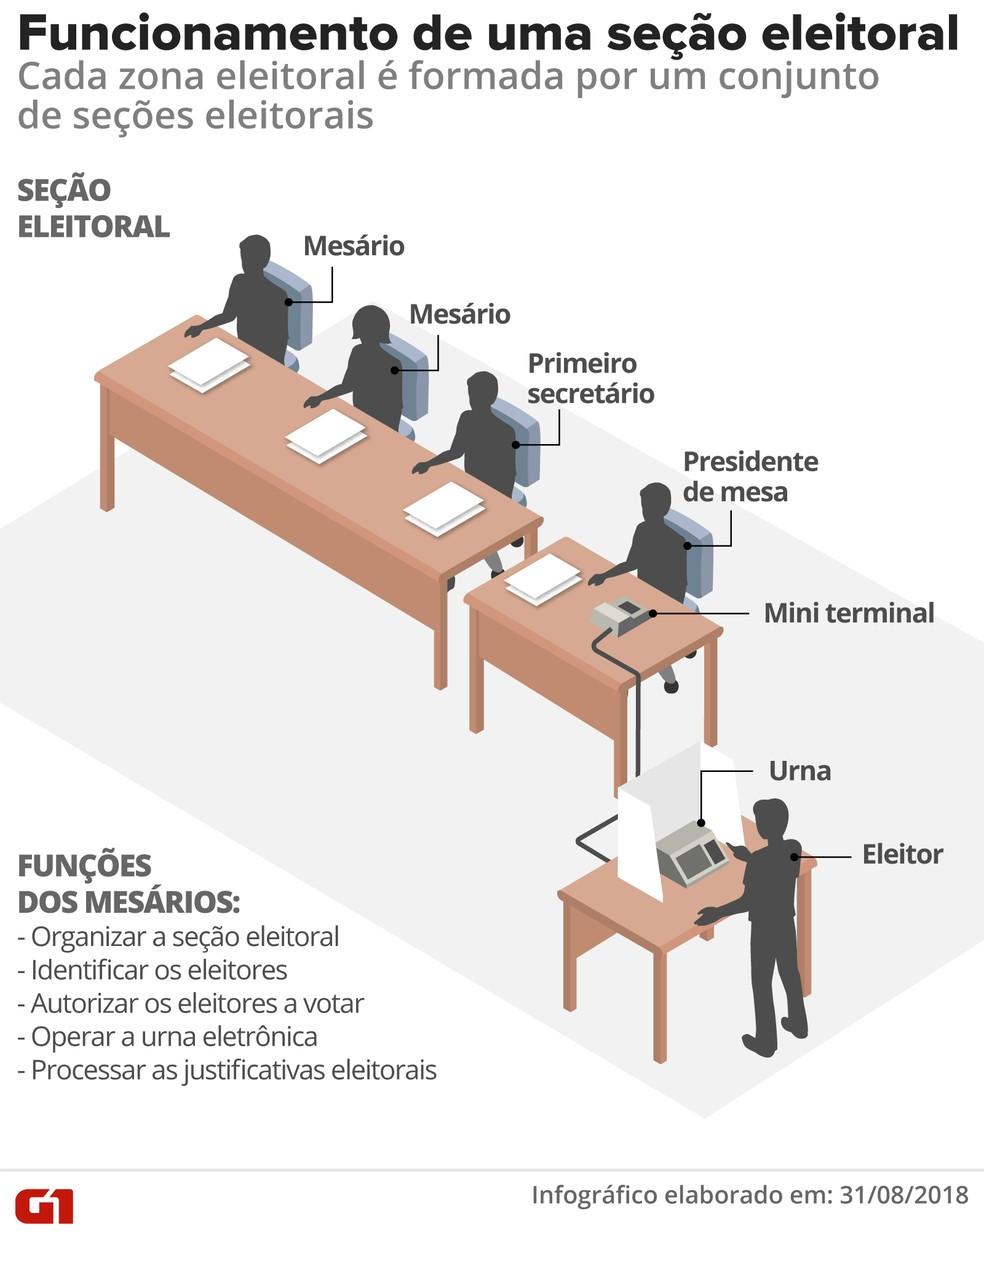 Funcionamento de uma seção eleitoral: cada zona eleitoral é formada por um conjunto de seções eleitorais (Foto: Betta Jaworski / G1)